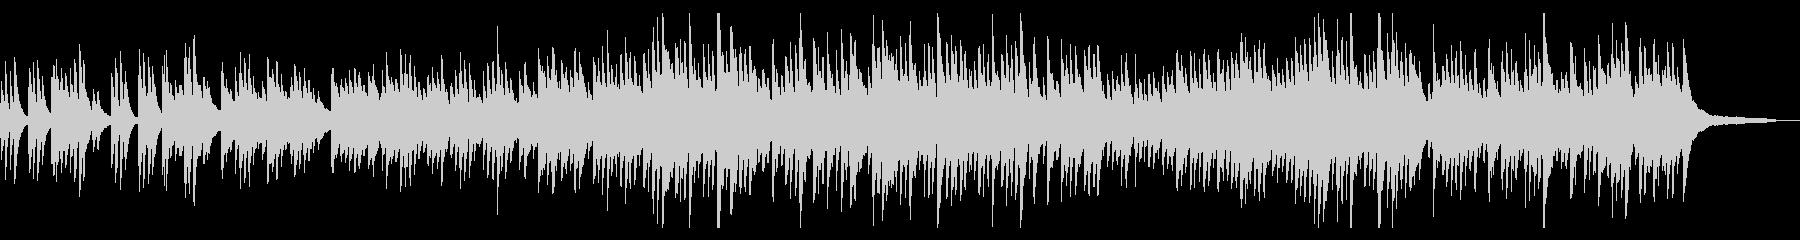 優しくふんわりとしたワルツ ピアノソロの未再生の波形